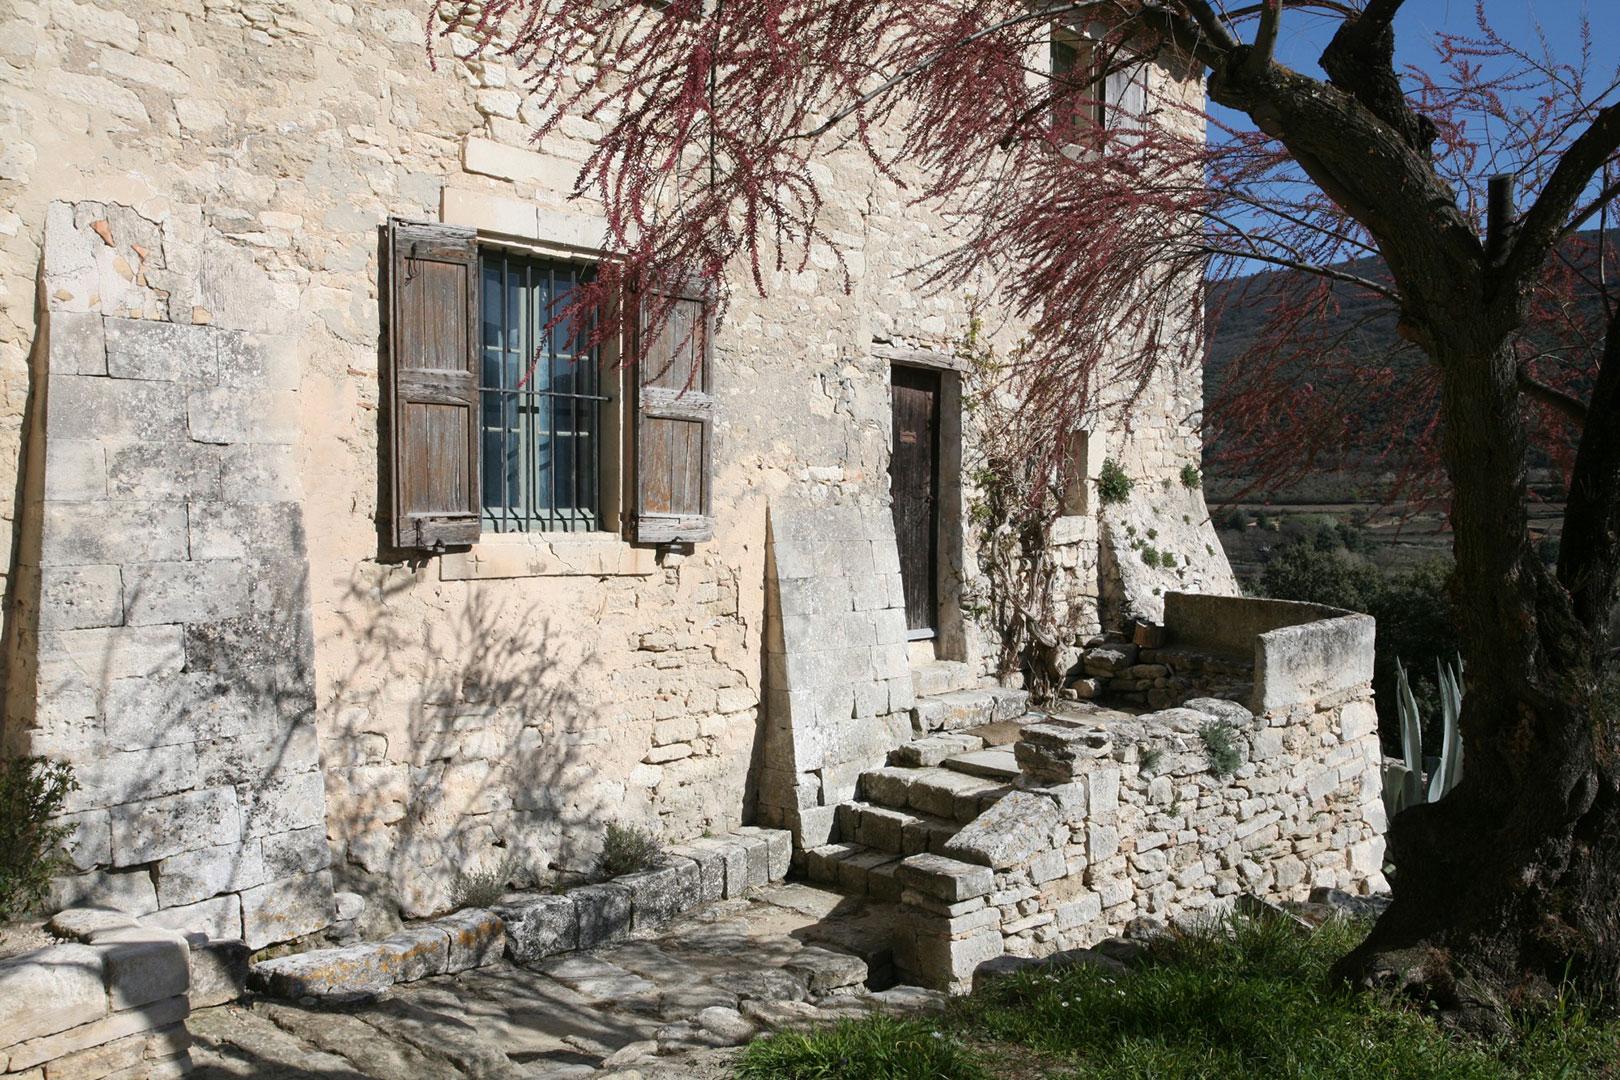 Détail du mur extérieur, Abbaye Saint-Hilaire, Vaucluse